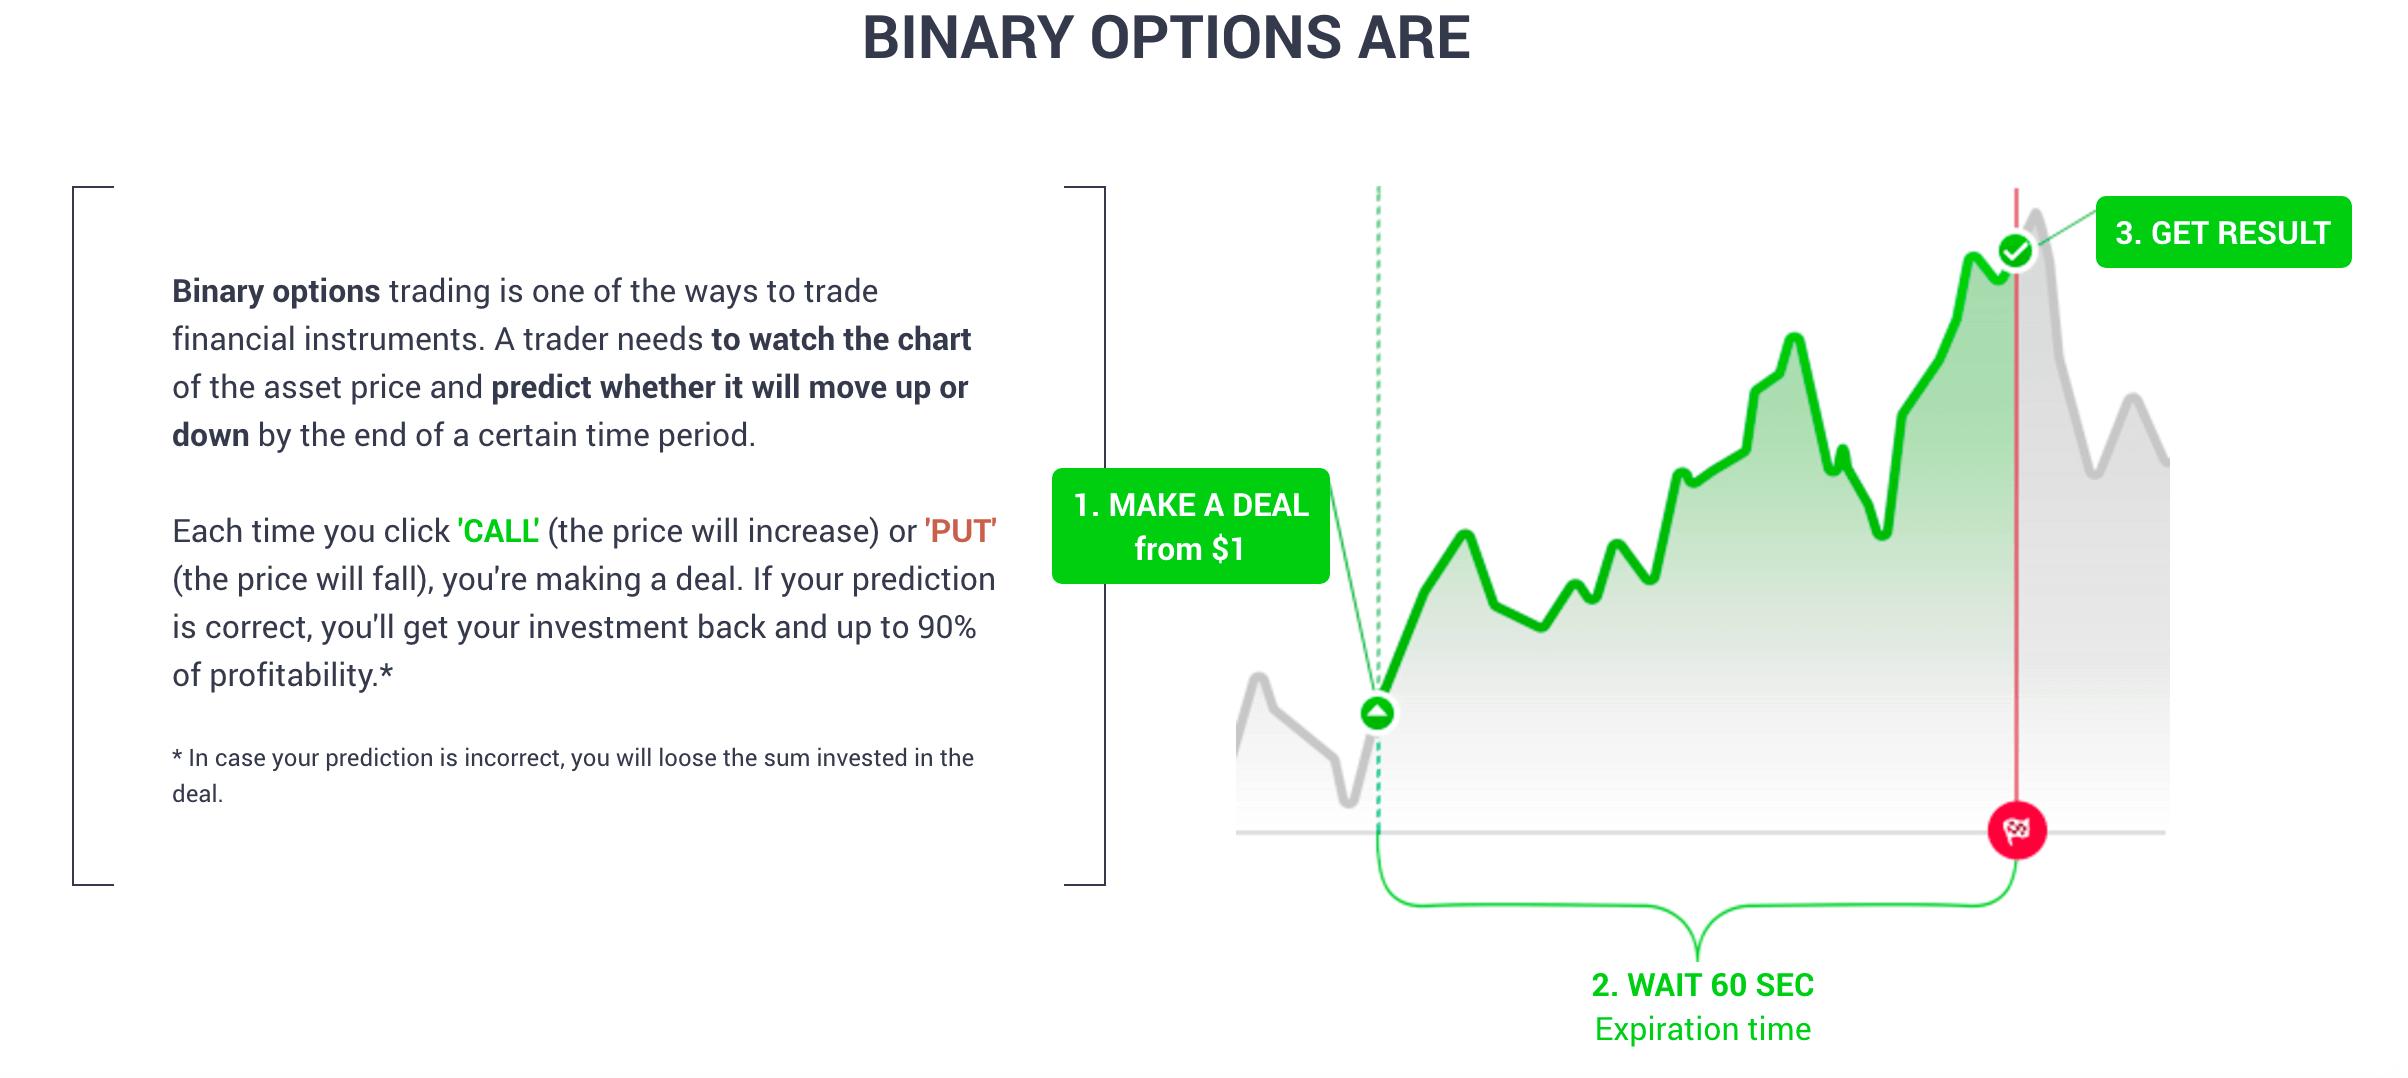 opções binárias é fraude